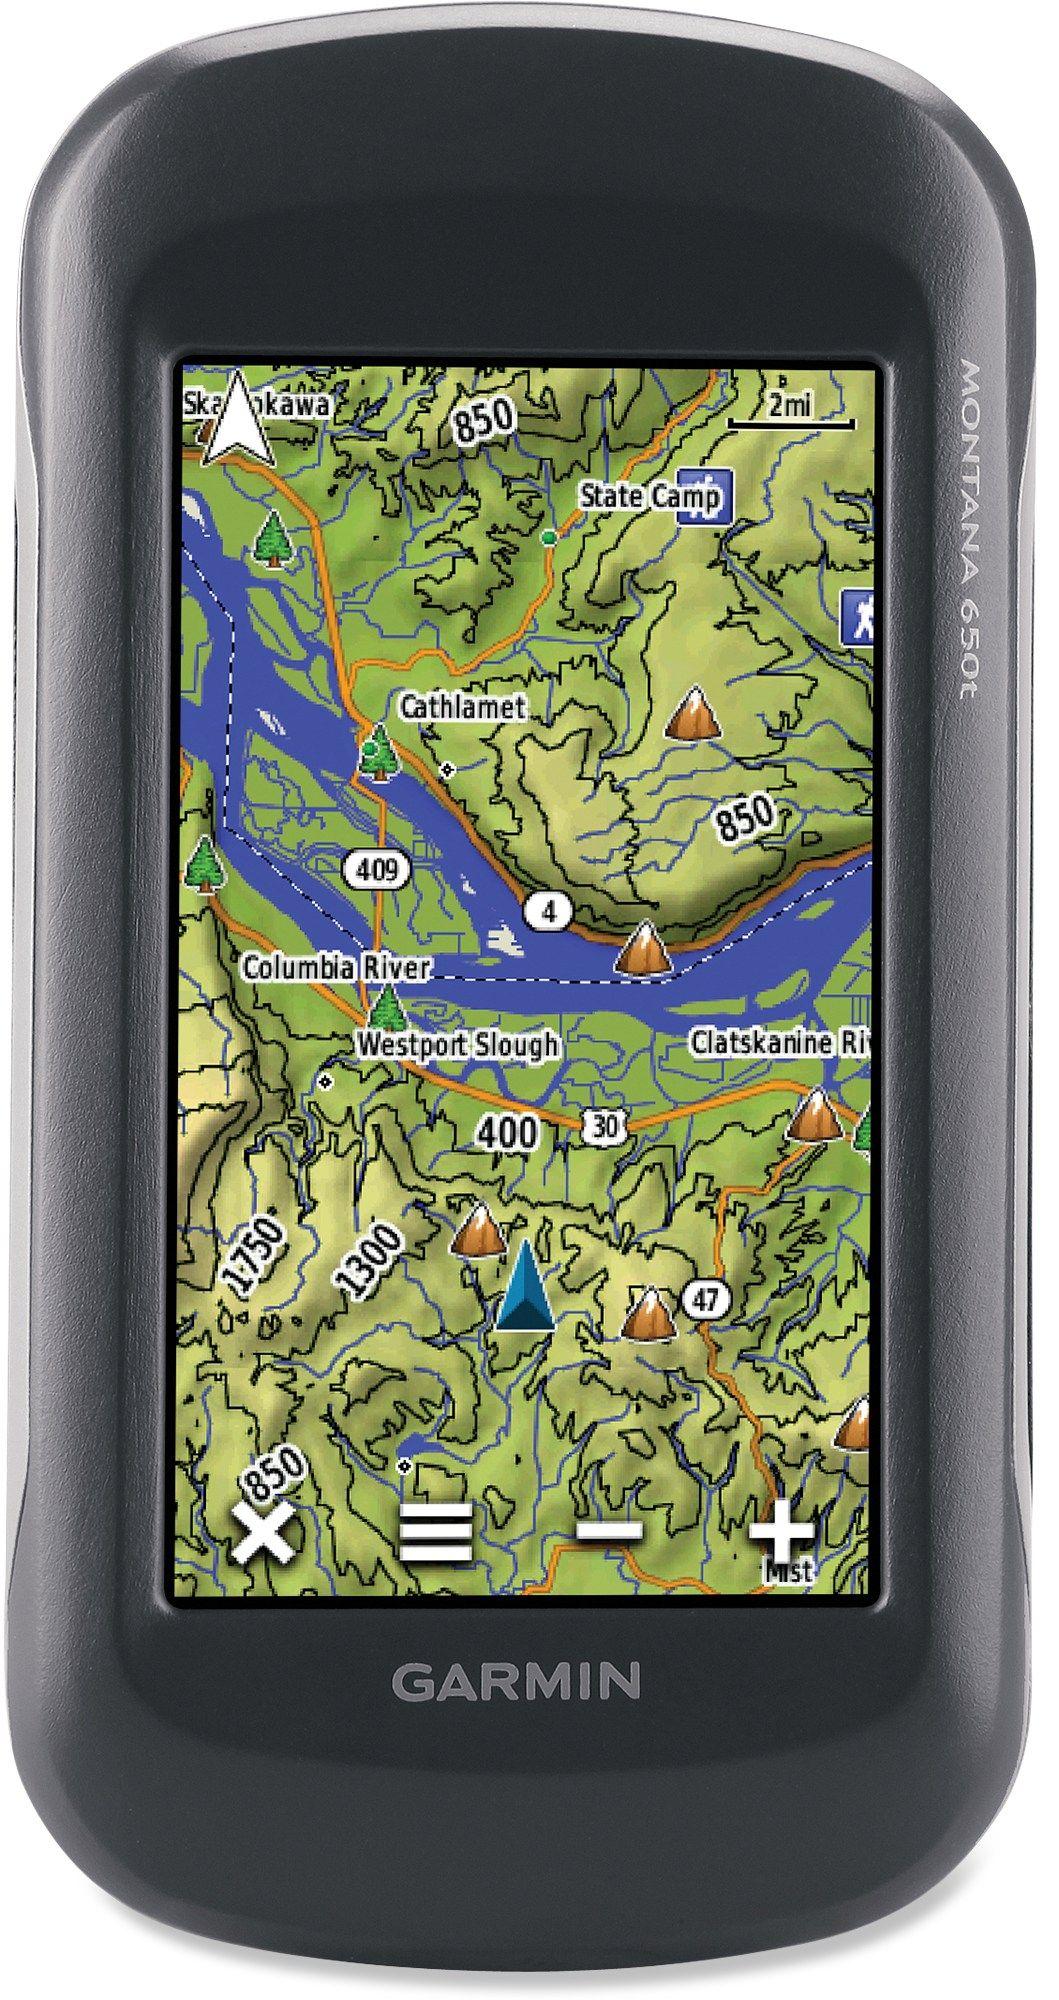 Garmin Montana 650t GPS   REI Co-op   REI   Gps map, Camping